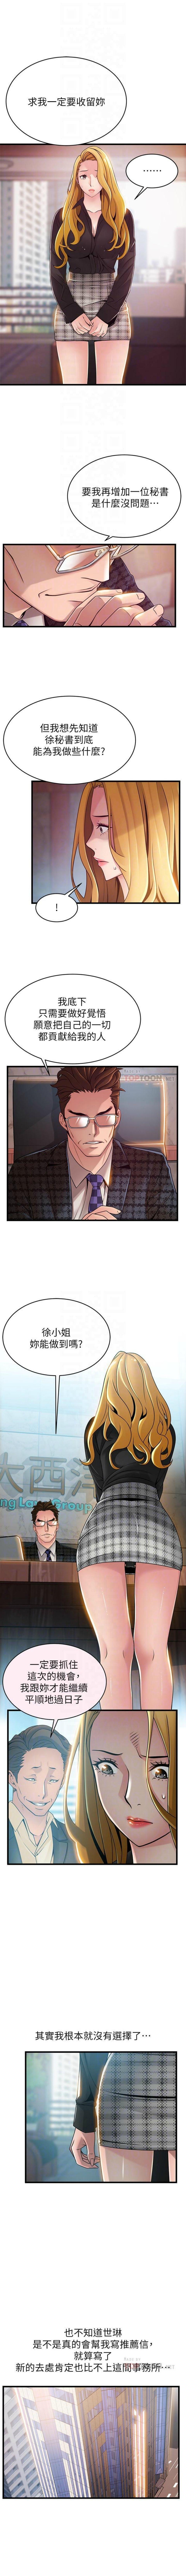 弱點 1-101 官方中文(連載中) 624